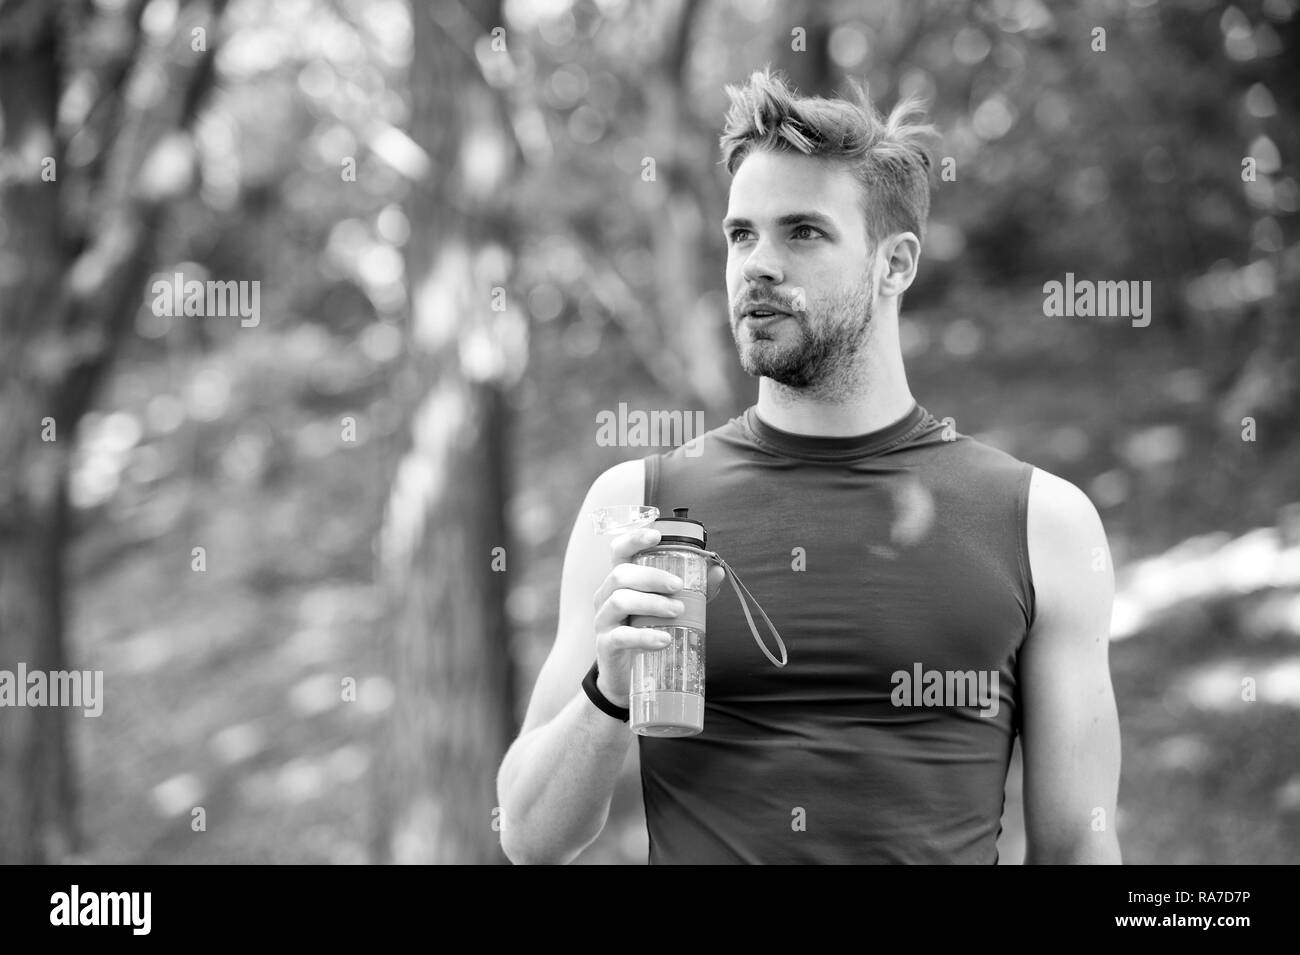 A sólo un minuto de descanso. El hombre tiene apariencia atlética botella con agua. Hombre atleta en ropa deportiva se preocupa por el equilibrio hídrico. Deporte y vida sana. Atleta beber agua después del entrenamiento en el parque. Imagen De Stock